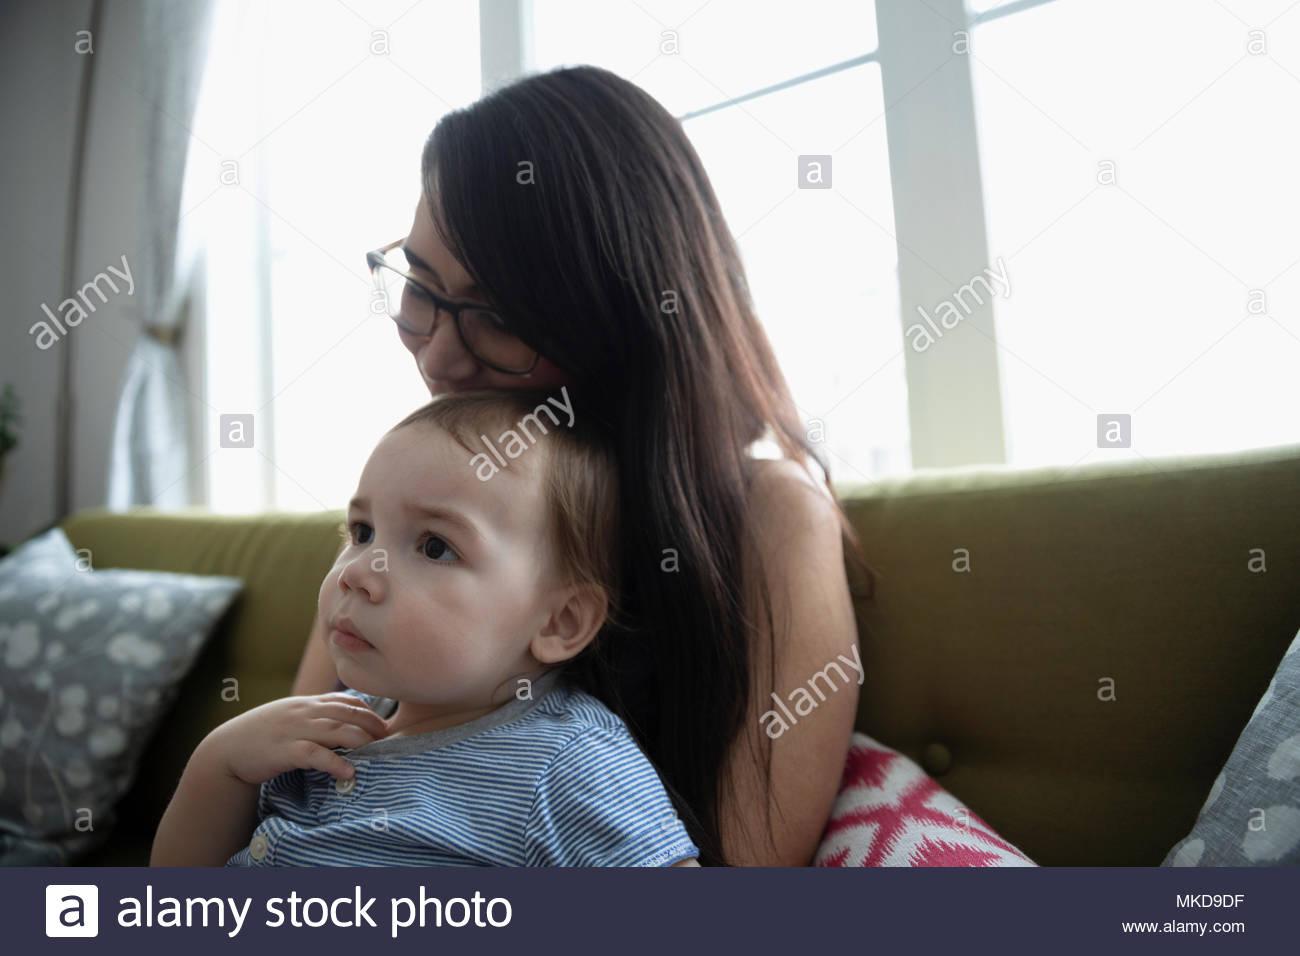 Cariñosa, tierna madre sosteniendo hijito en el sofá Imagen De Stock